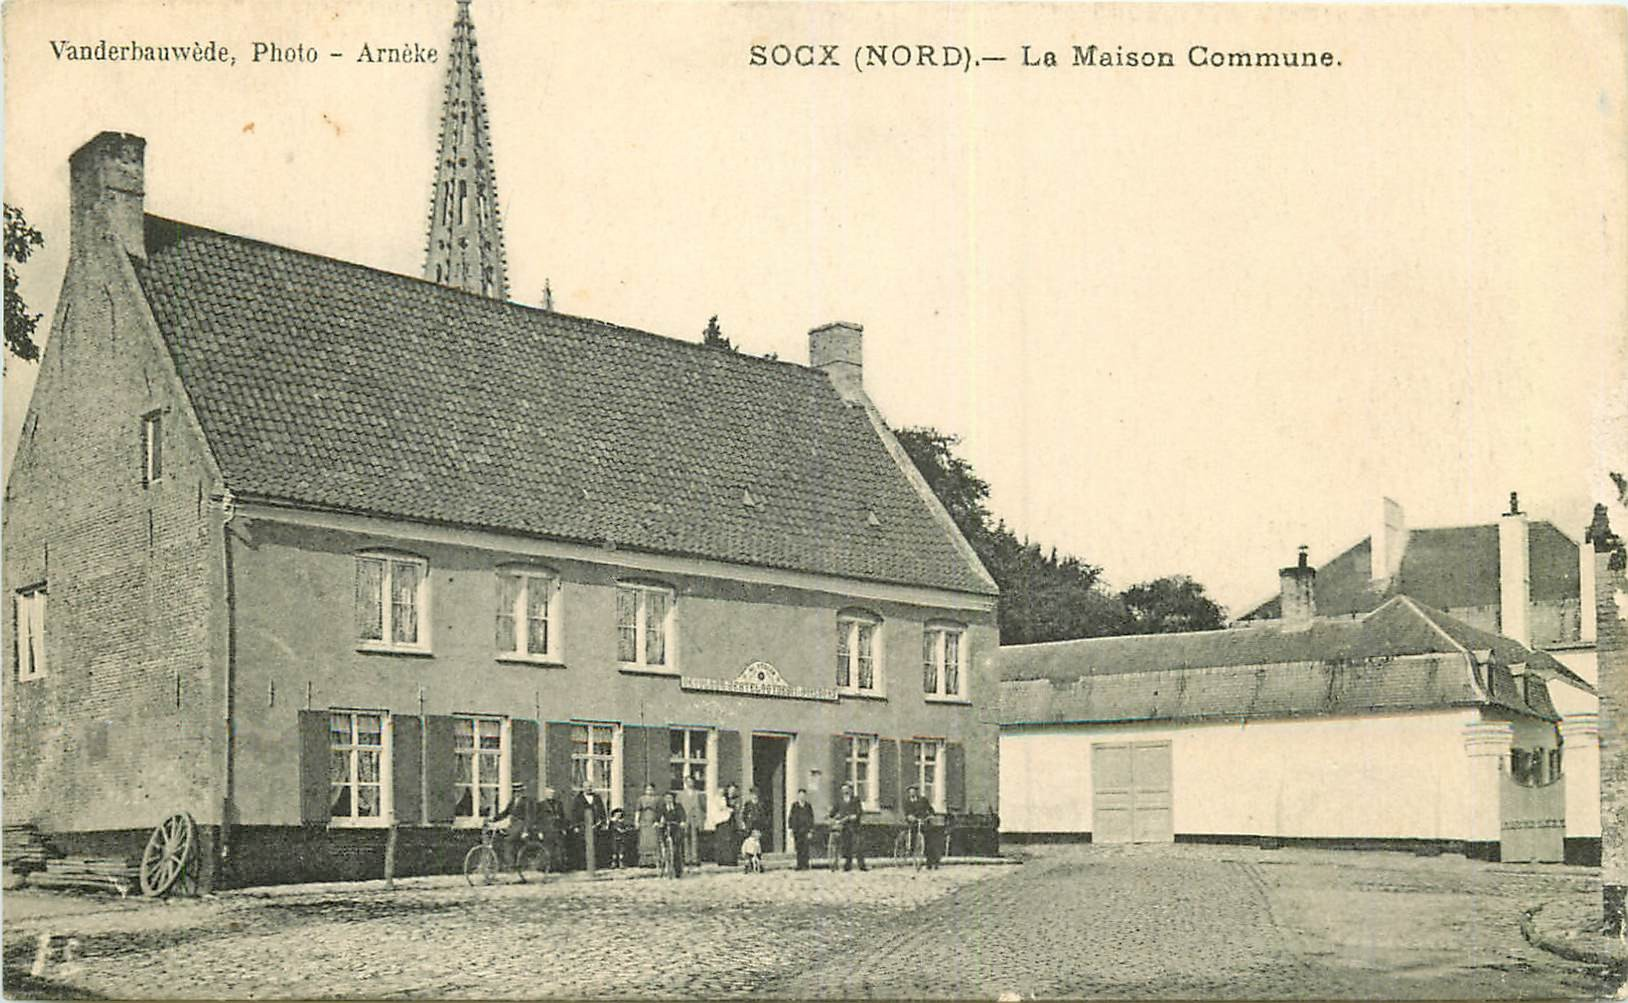 WW 59 SOCX. La Maison Commune 1917